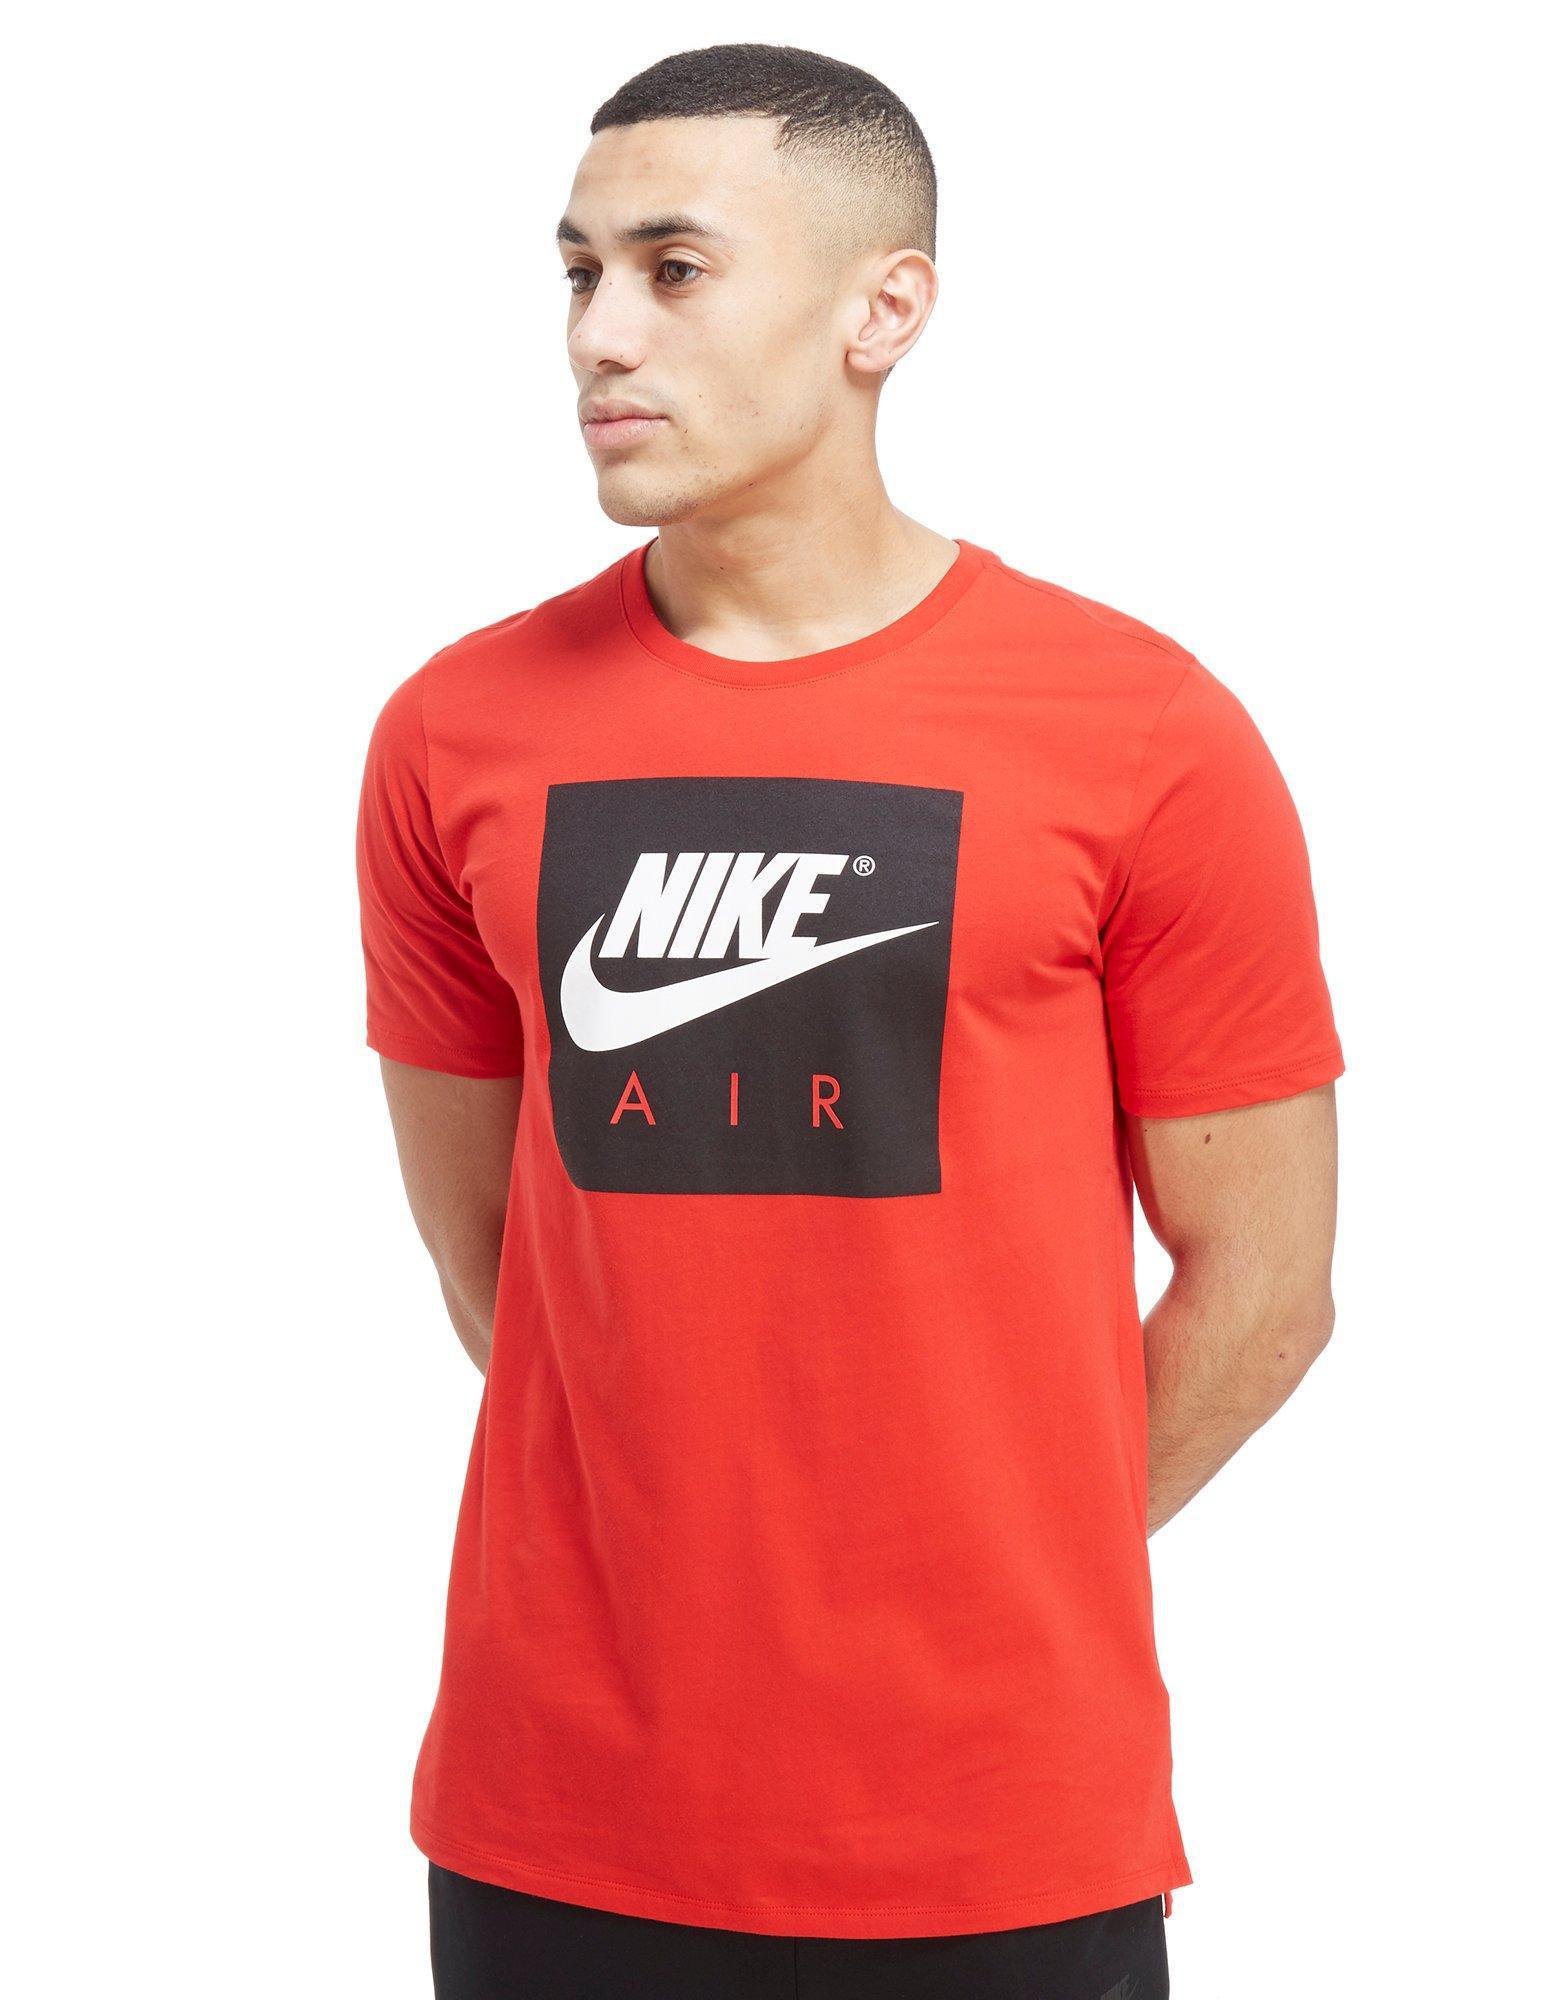 nike shirt red